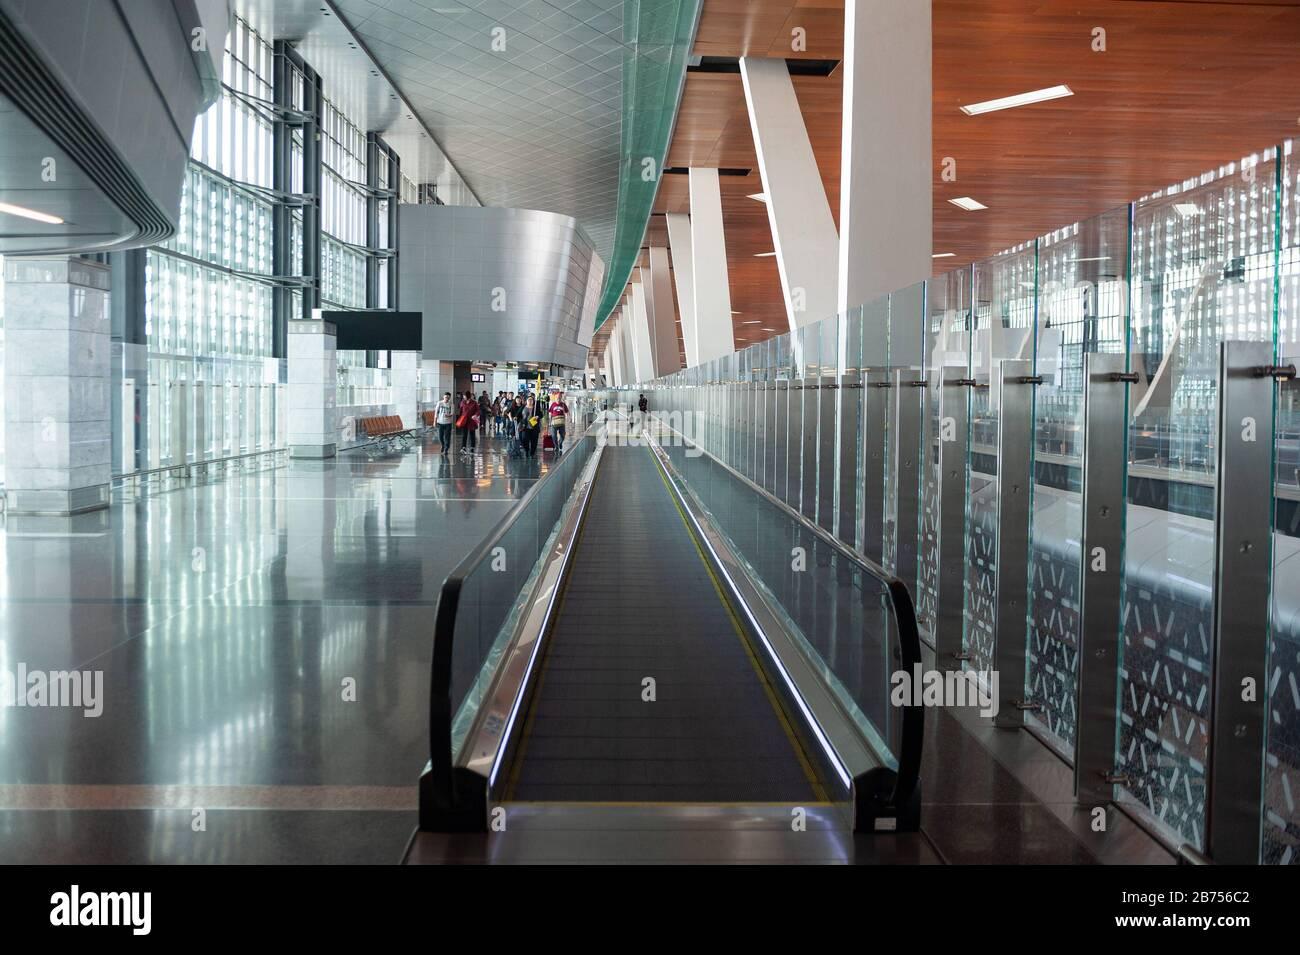 05.06.2019, Doha, Qatar - Vista interna del nuovo Aeroporto Internazionale di Hamad. [traduzione automatica] Foto Stock